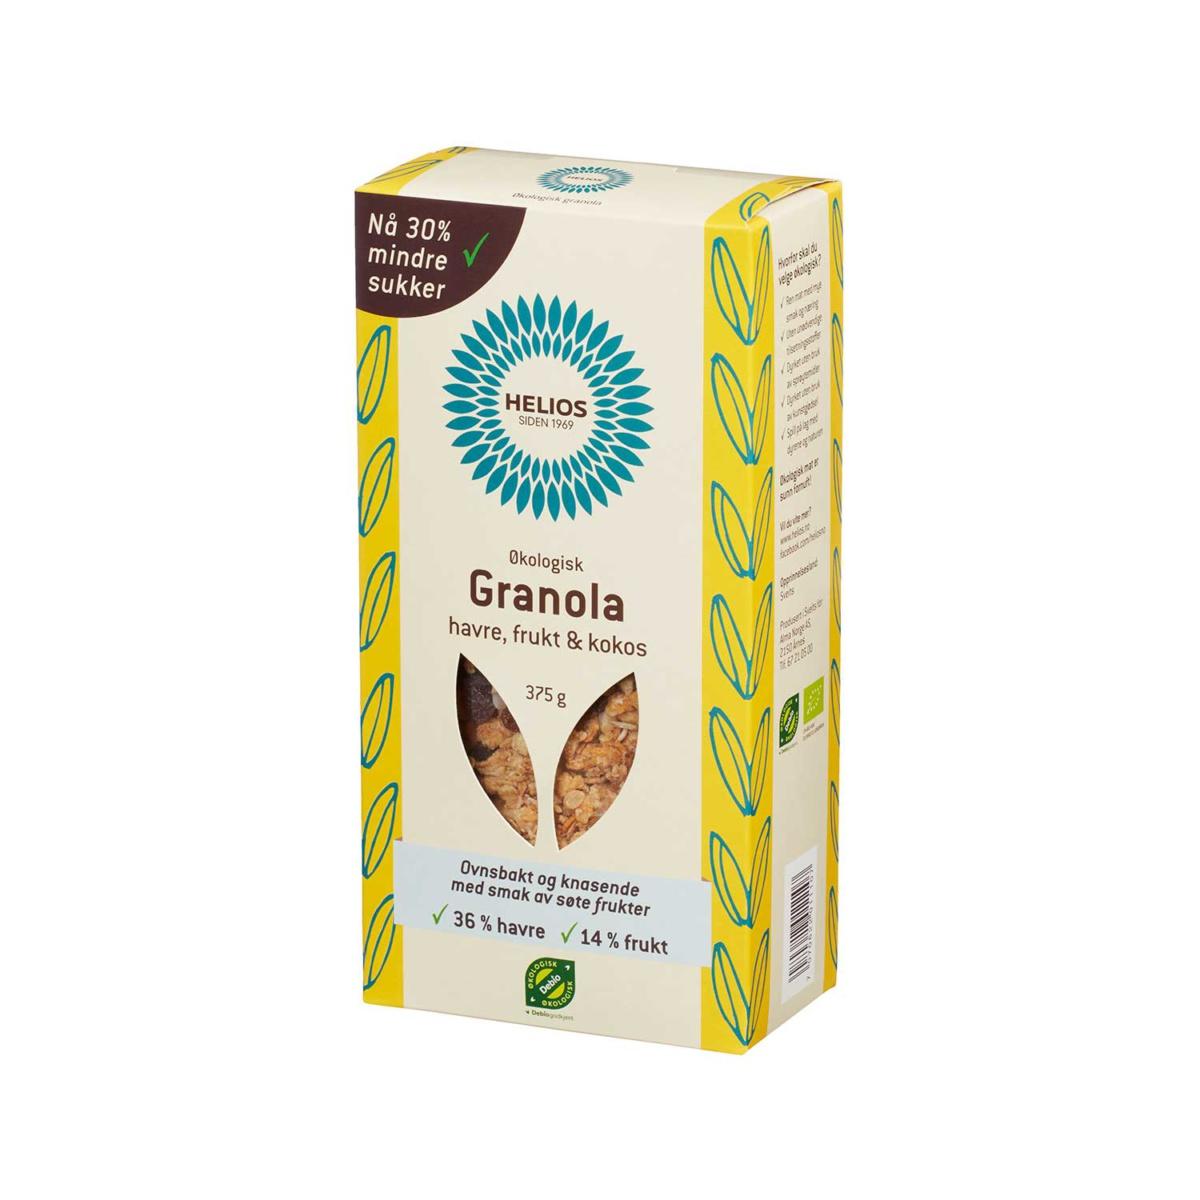 60470-helios-granola-med-havre-frukt-og-kokos_2520534_7070622011107_a1r1-tradesolution